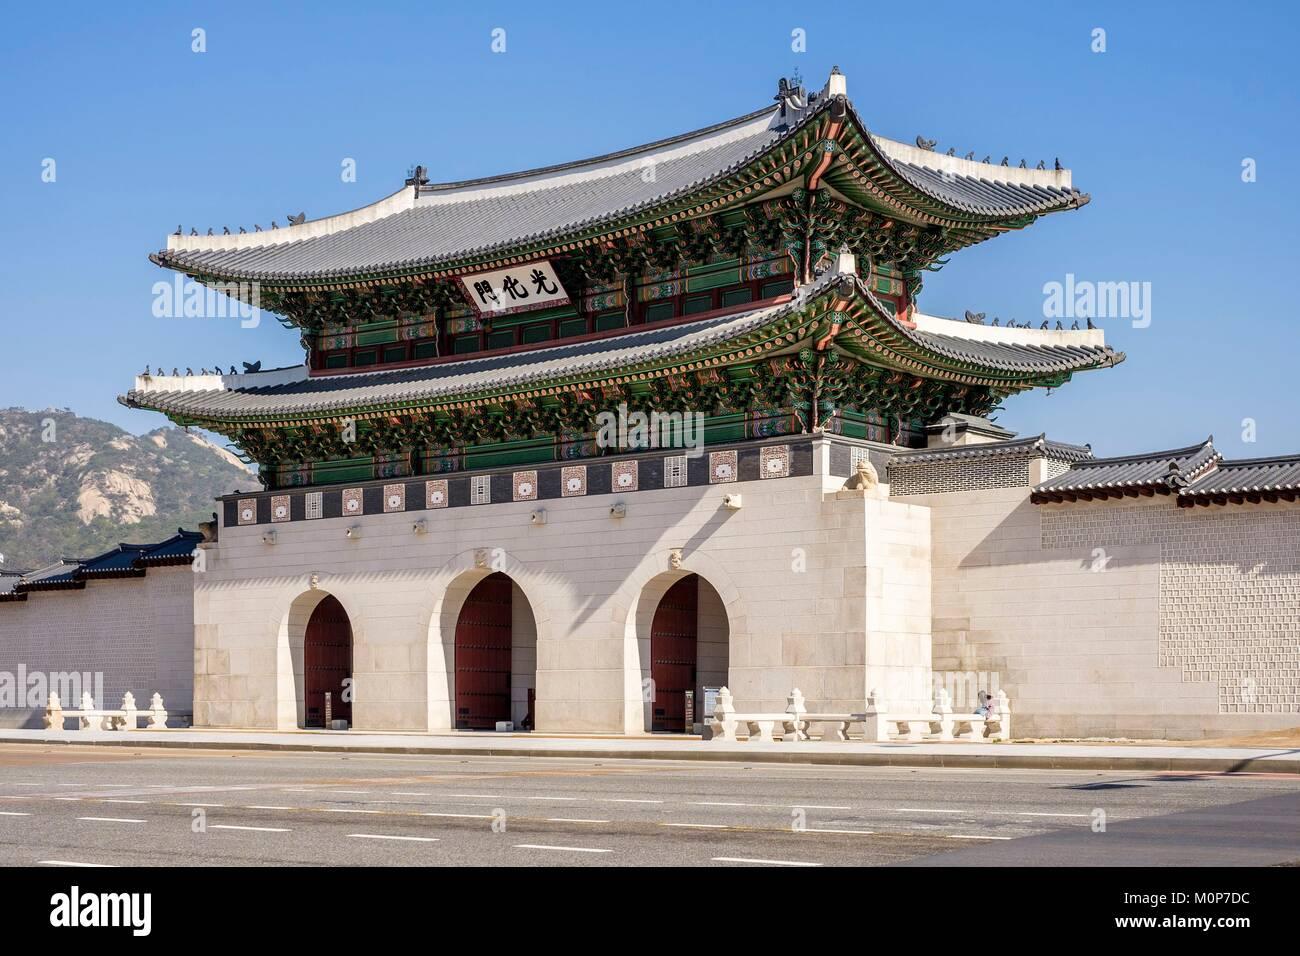 La Corée du Sud, Séoul, Jongno-gu district,Gyeongbokgung Palace ou le Palais de Gyeongbok,porte Gwanghwamun Banque D'Images